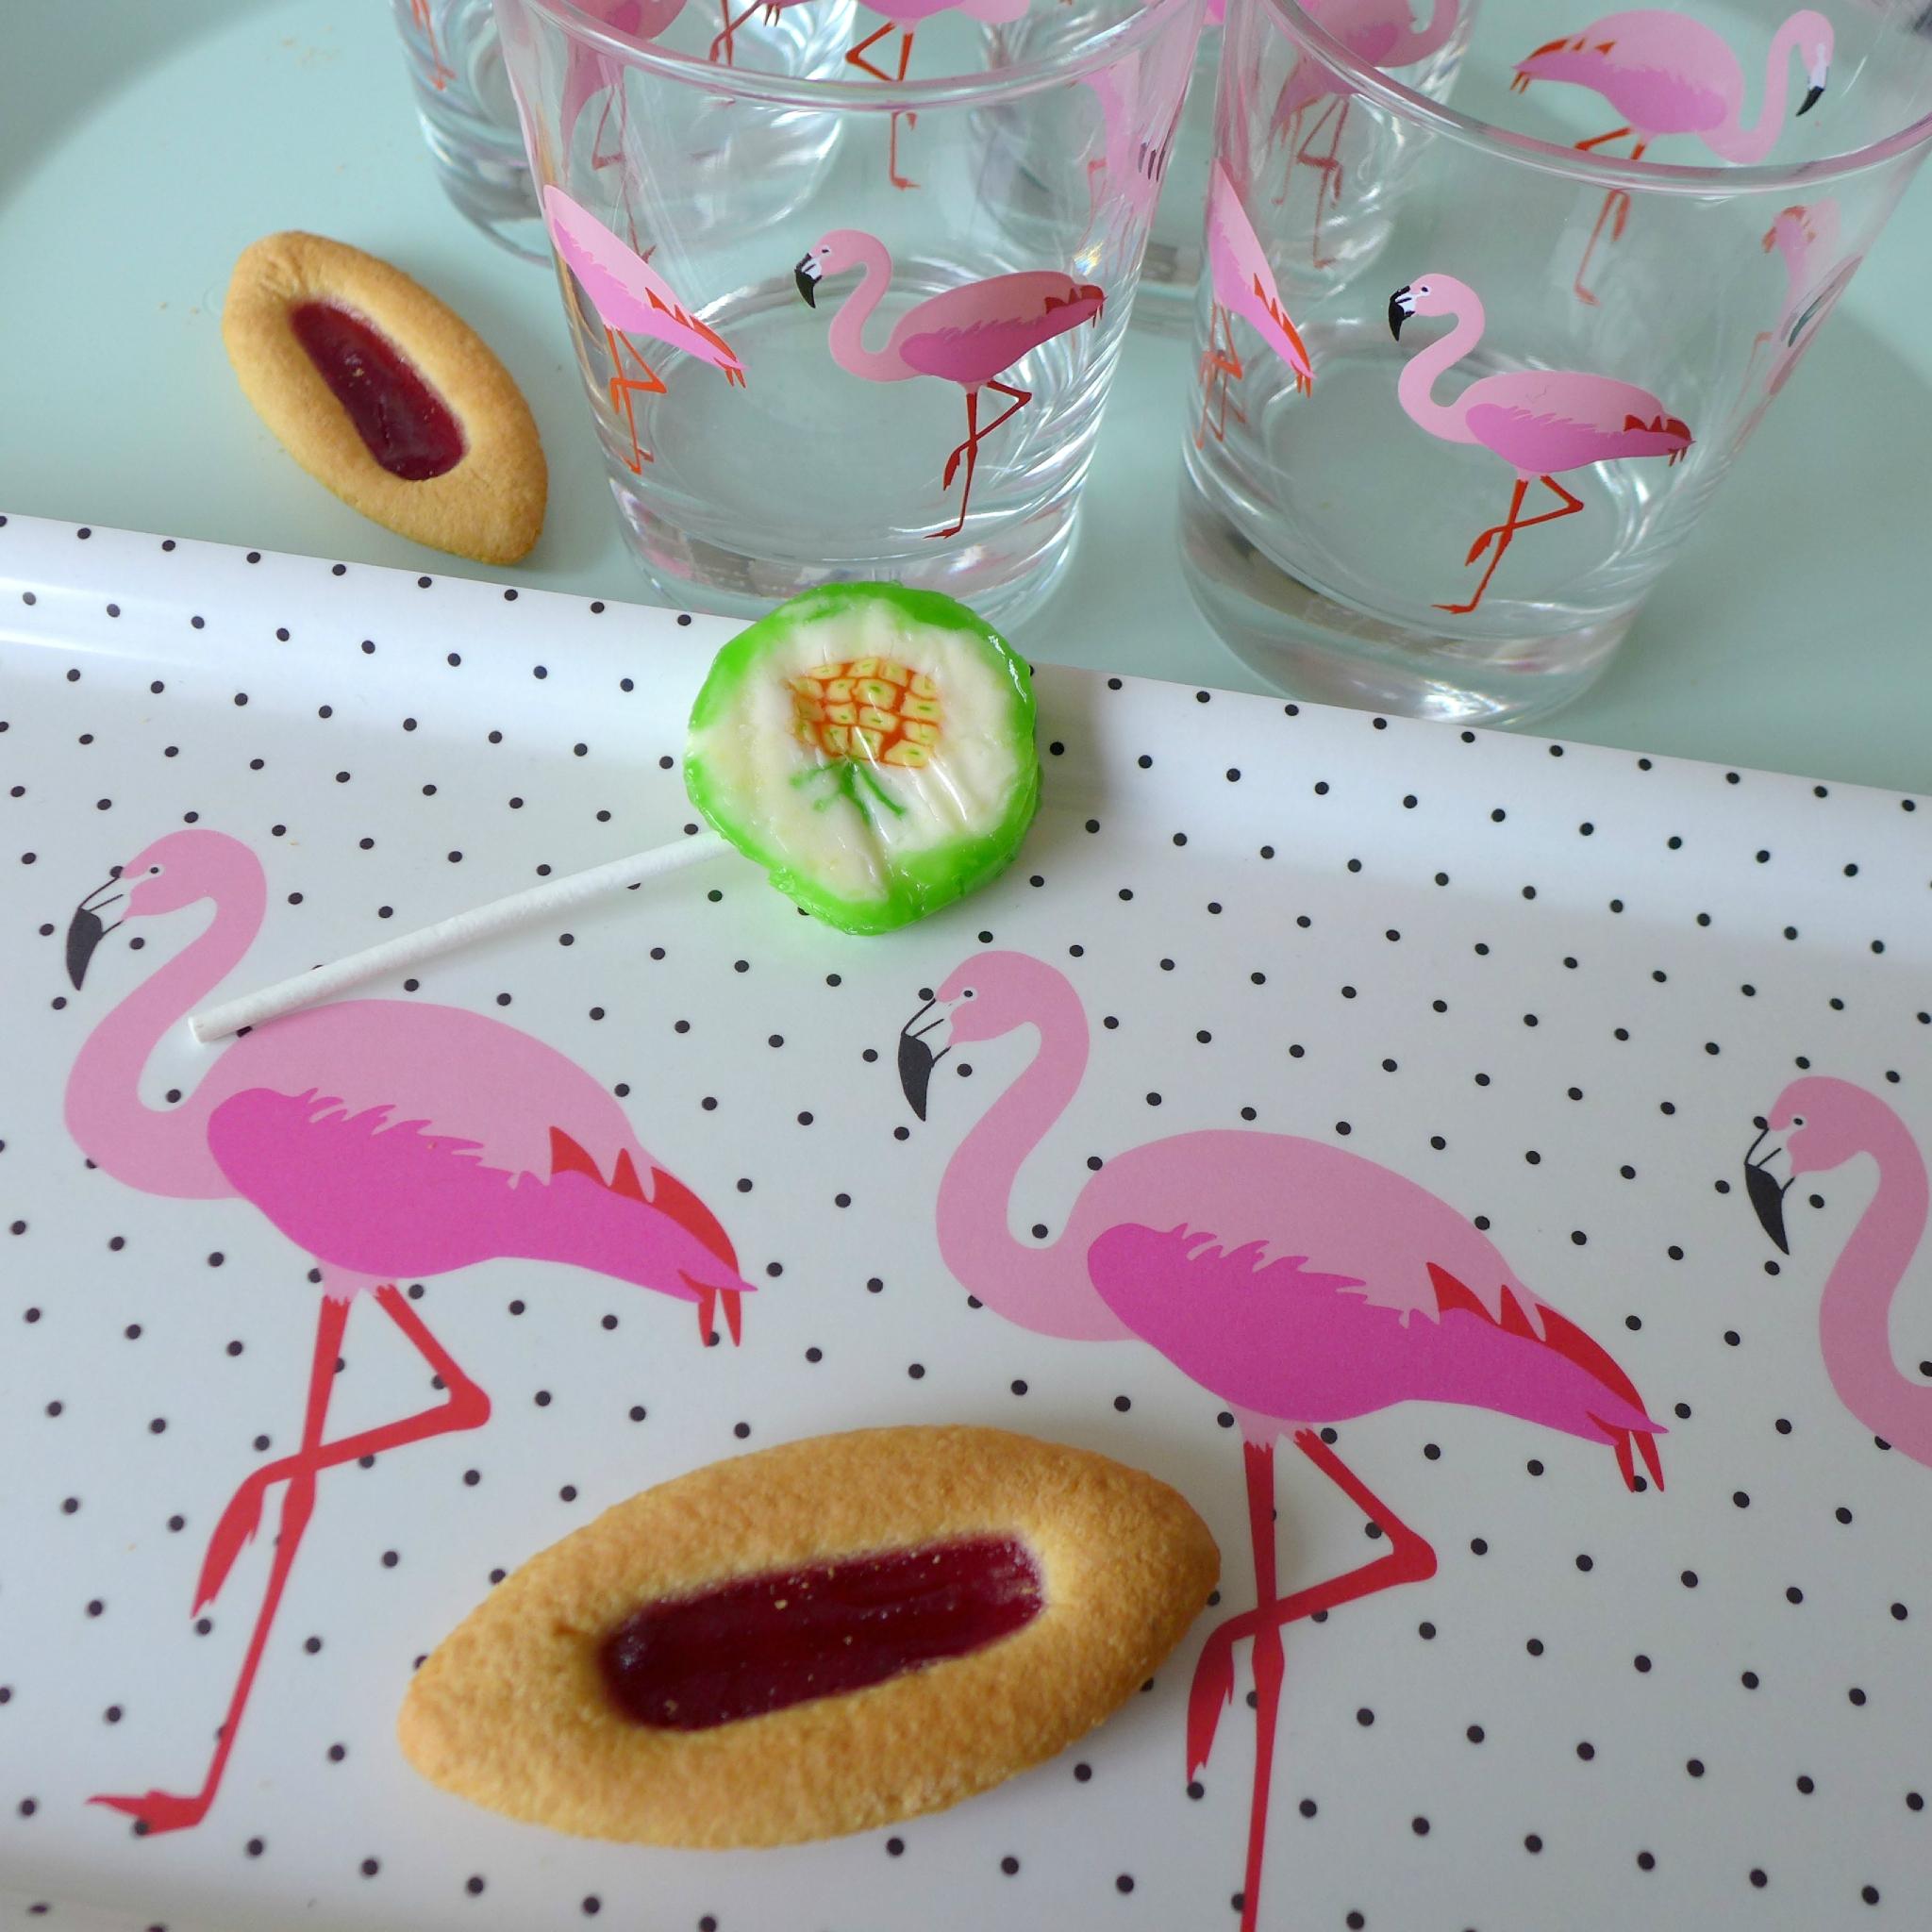 Flamingo Mood - Une Touche De tout Rideau Flamant Rose